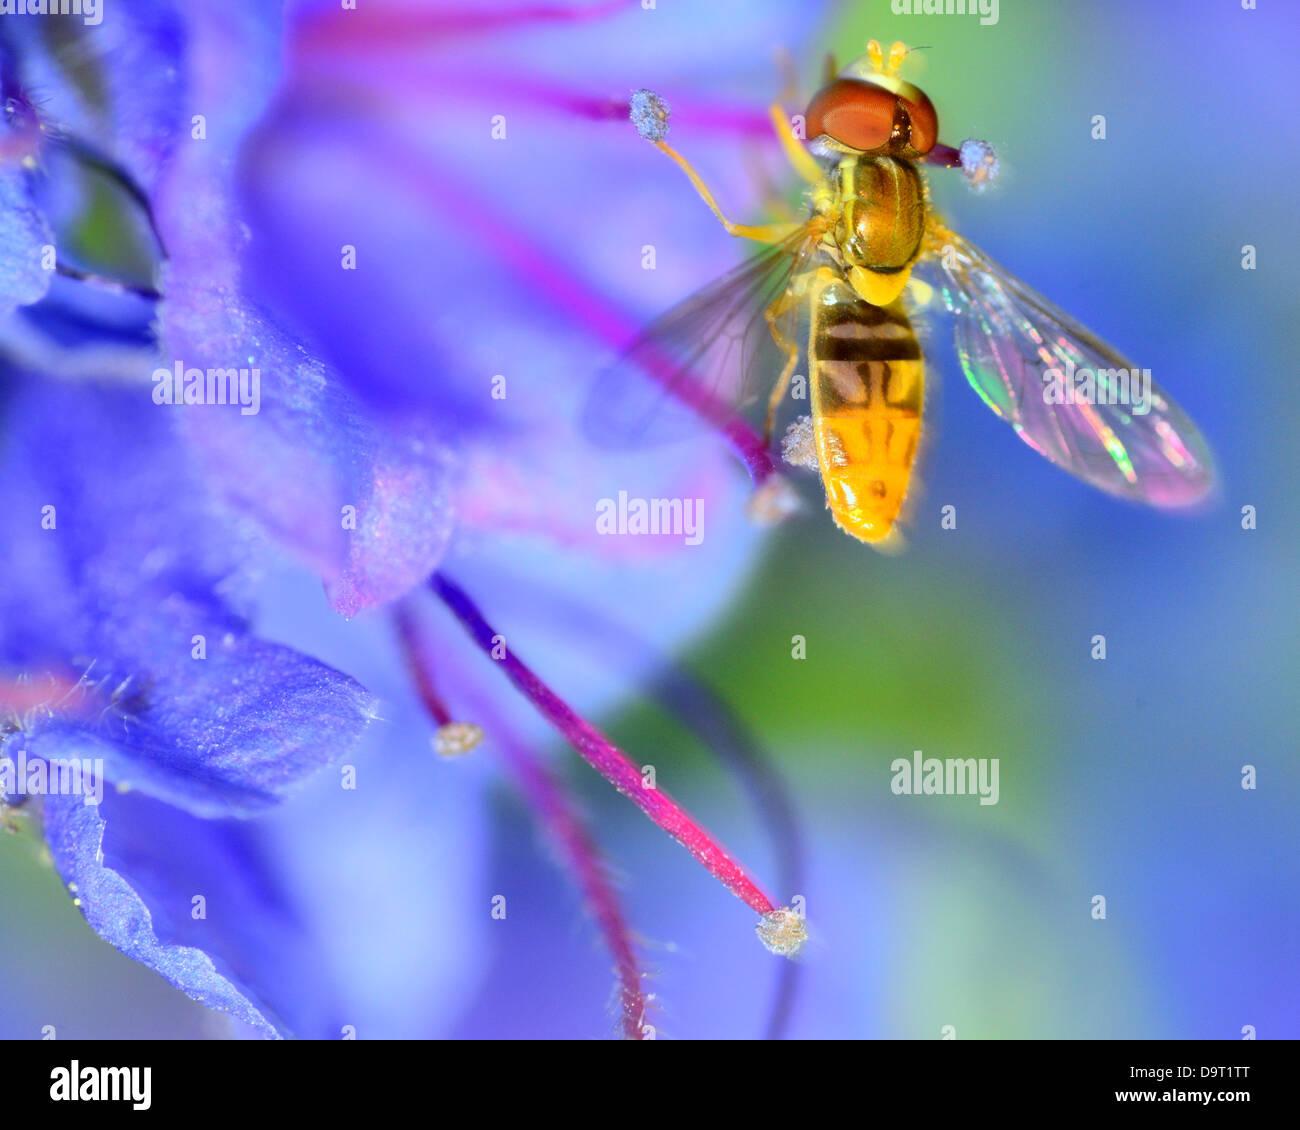 Hoverfly perché sur une fleur la collecte du pollen. Banque D'Images